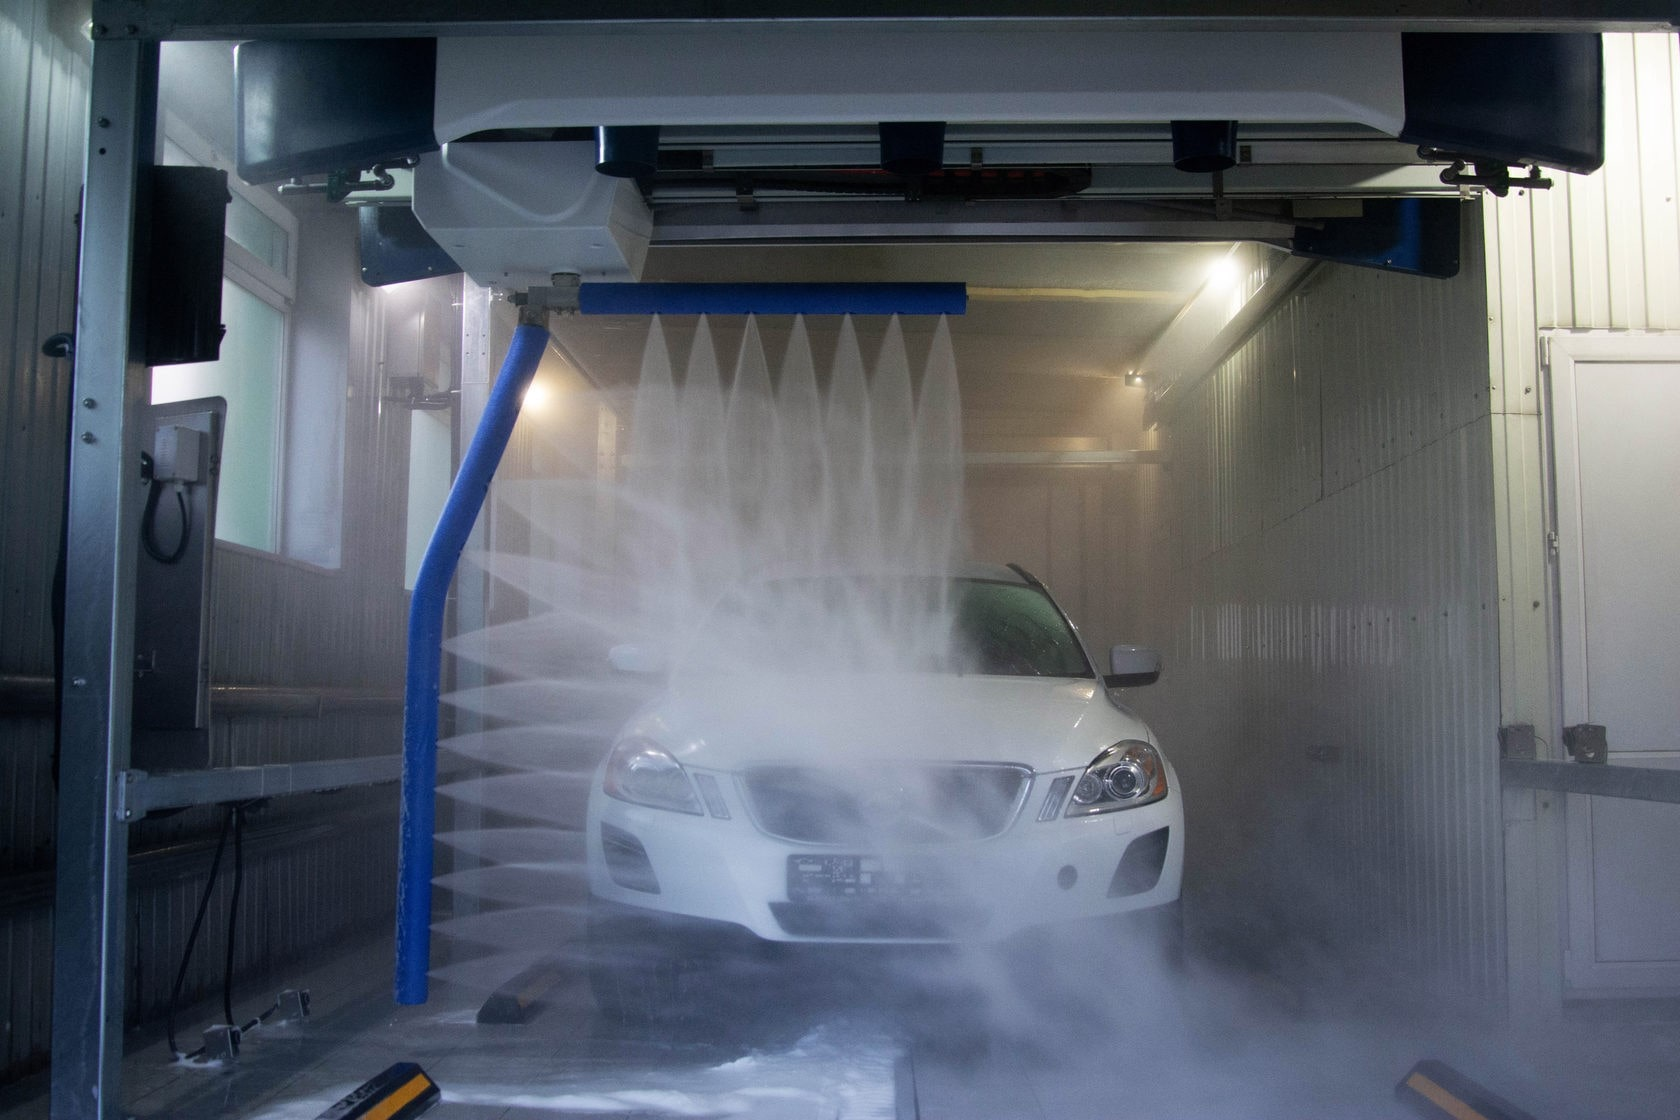 вредна ли бесконтактная мойка для авто, как мыть машину на мойке самообслуживания: инструкция